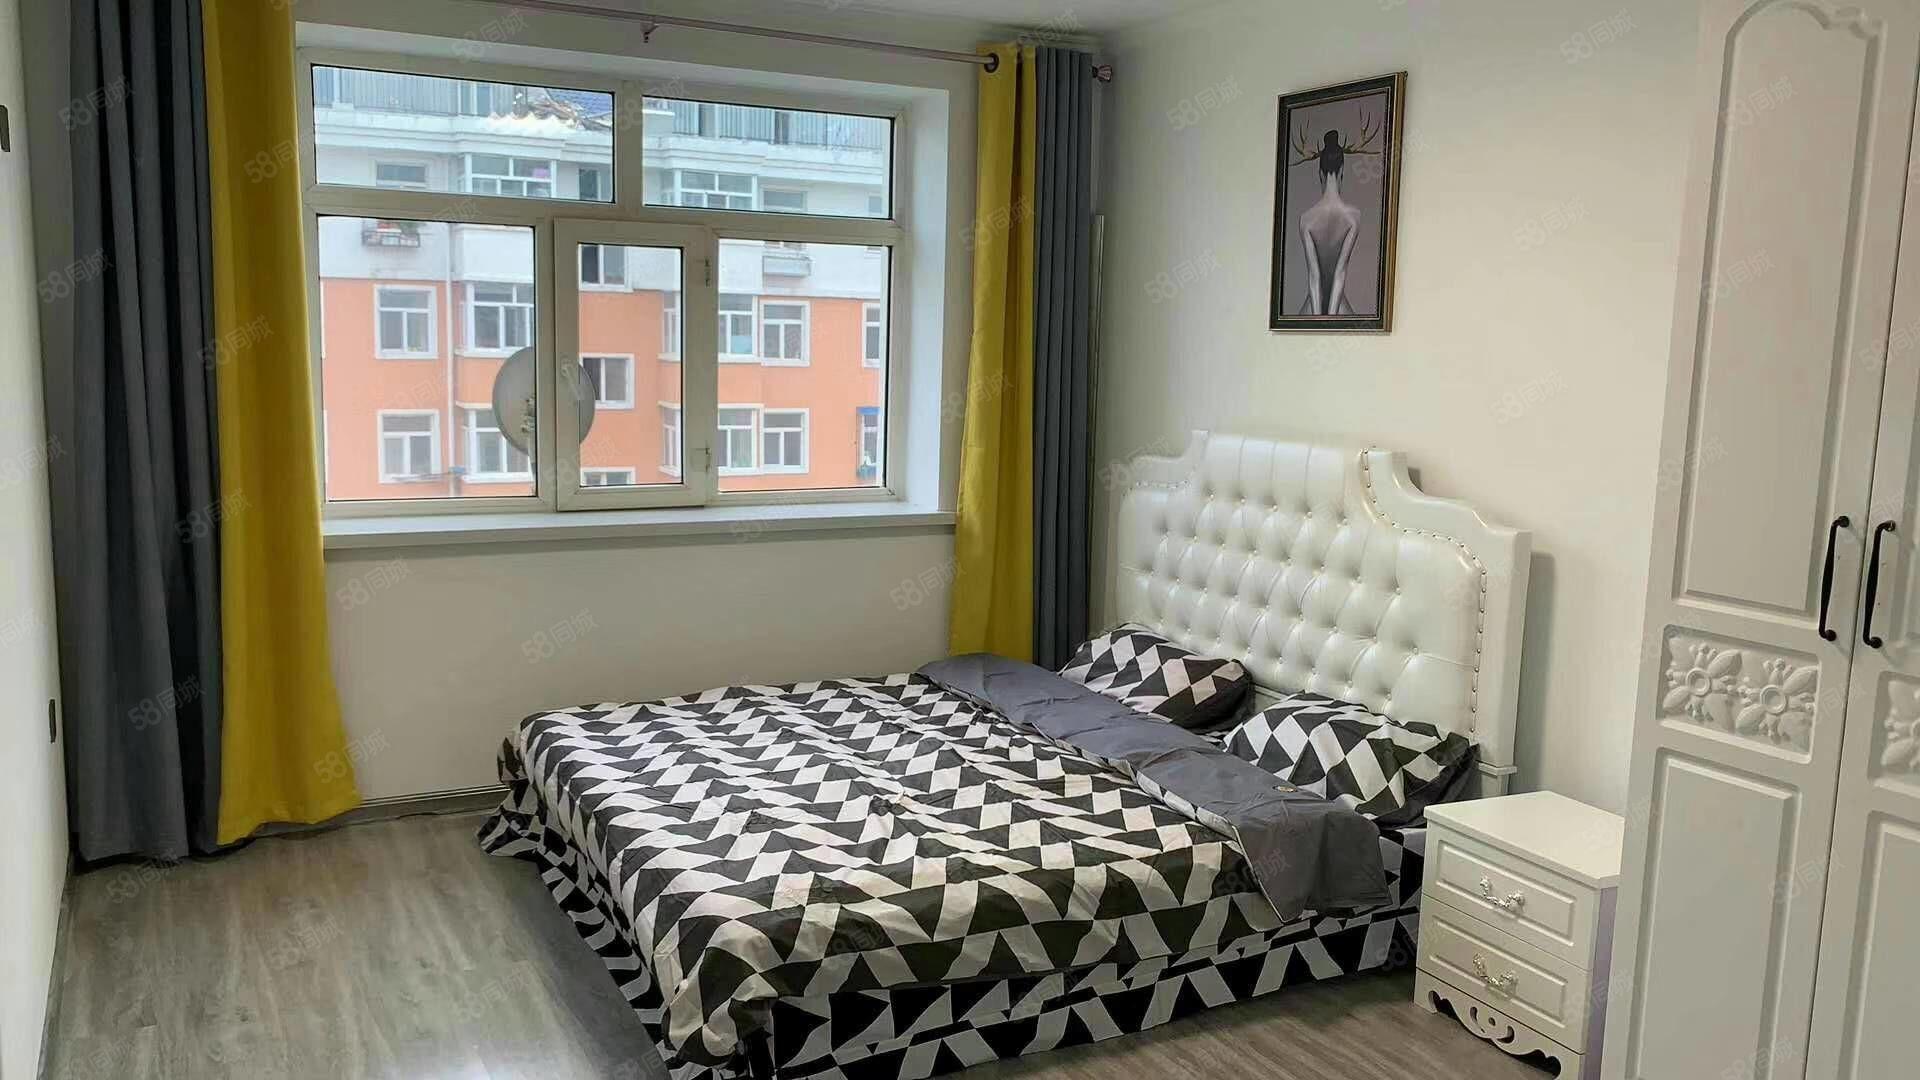 福鼎家园,四楼南北通透两室一厅62平36.8万,带家具精装修